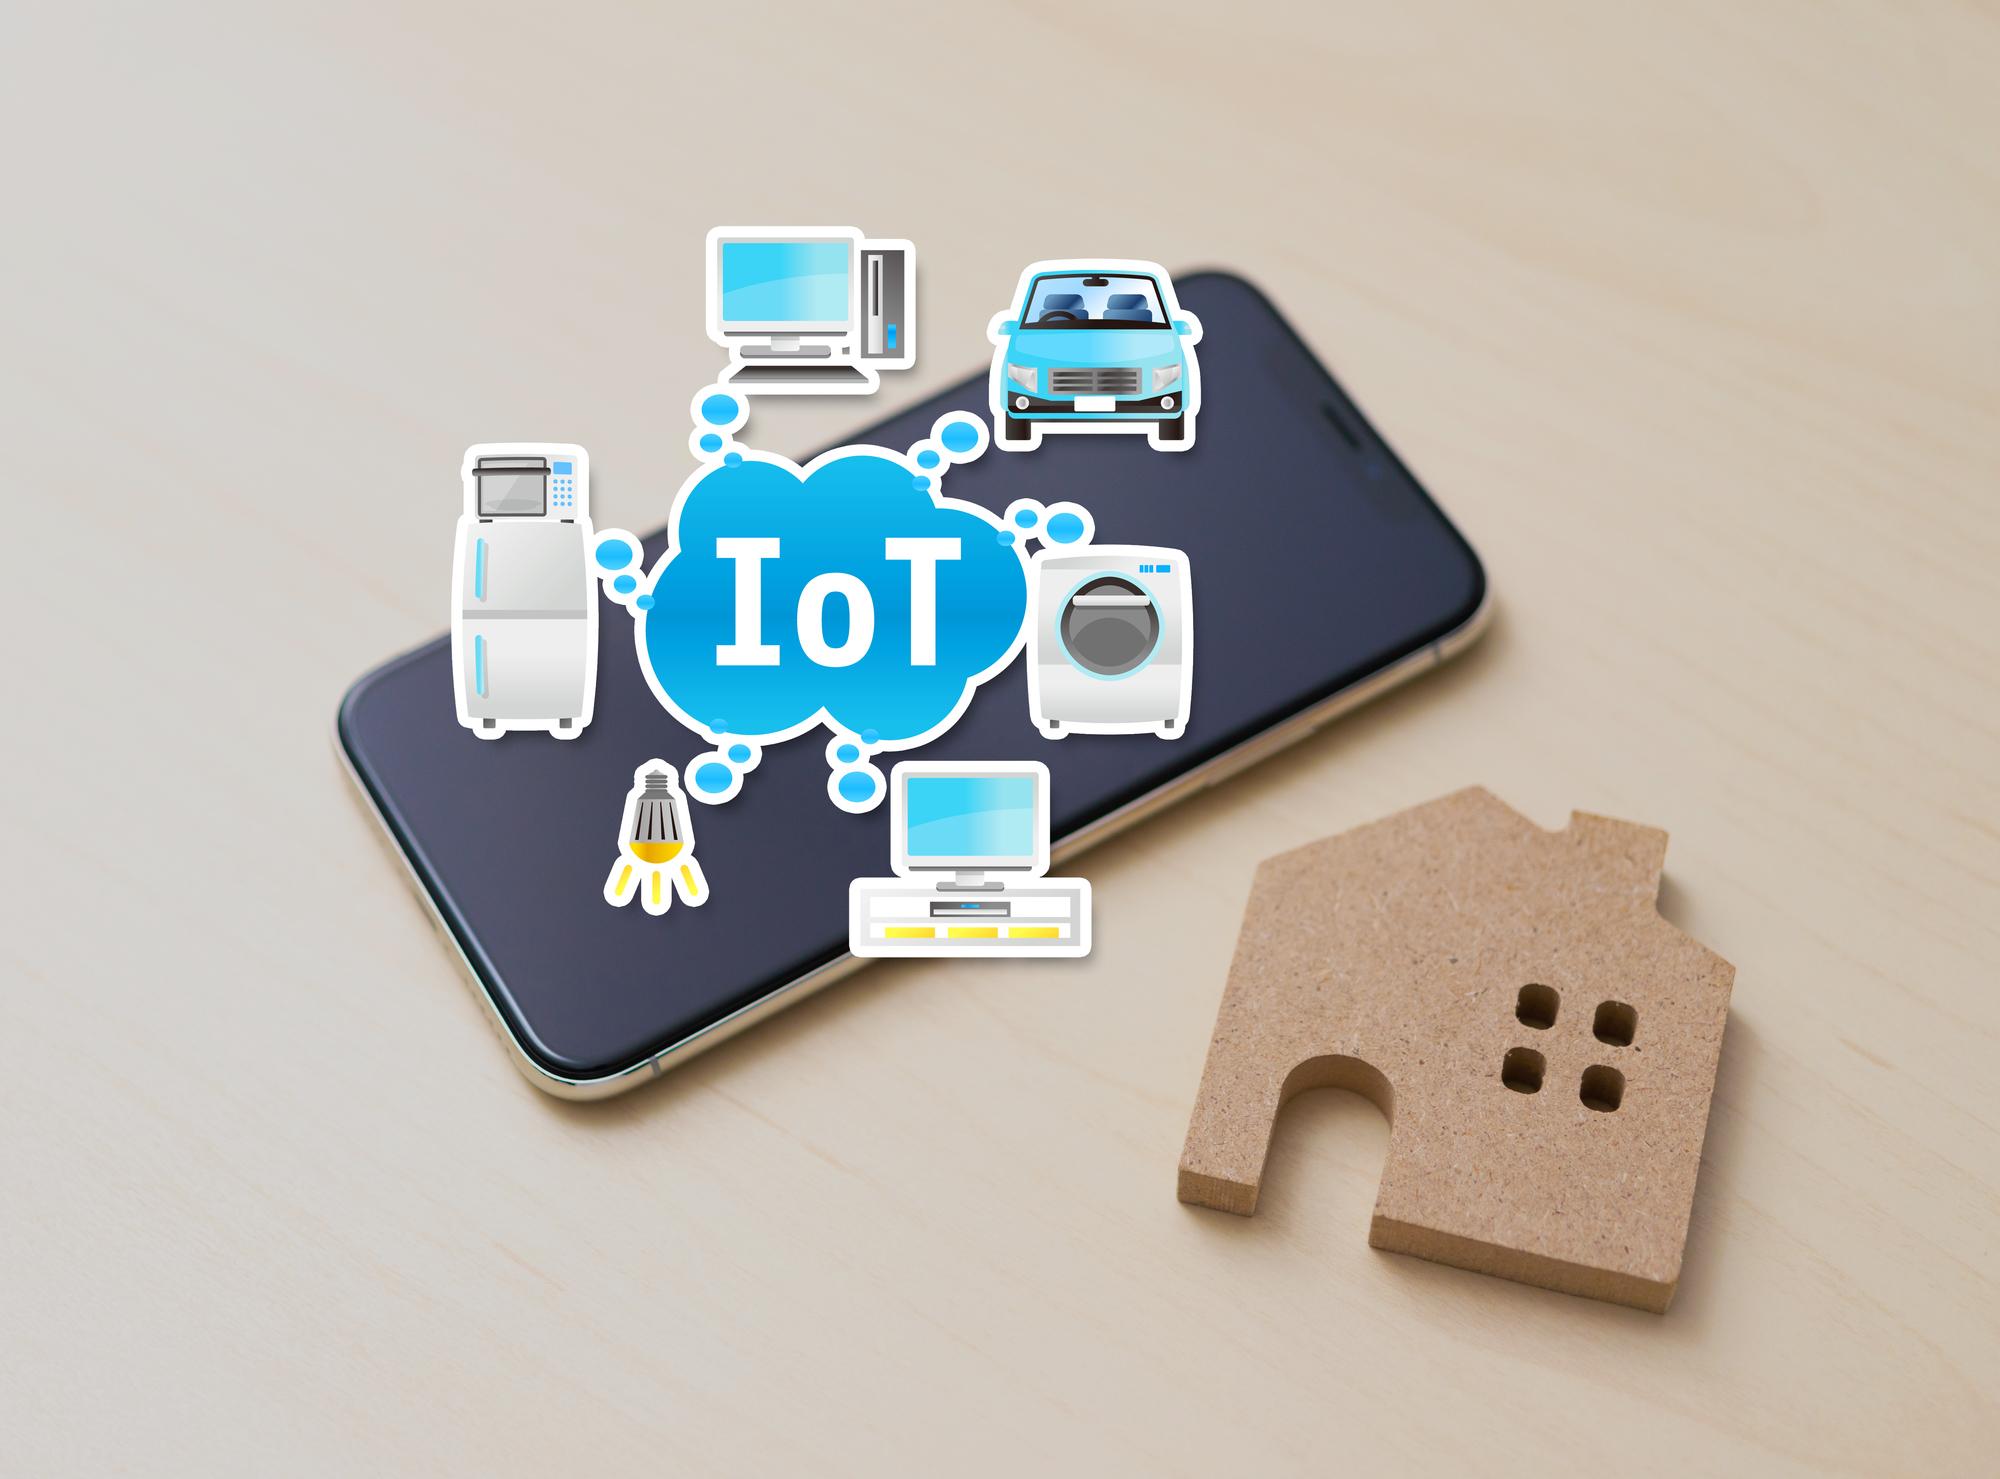 話題のIoT住宅!【IoTの説明からメリット・デメリットもご紹介】